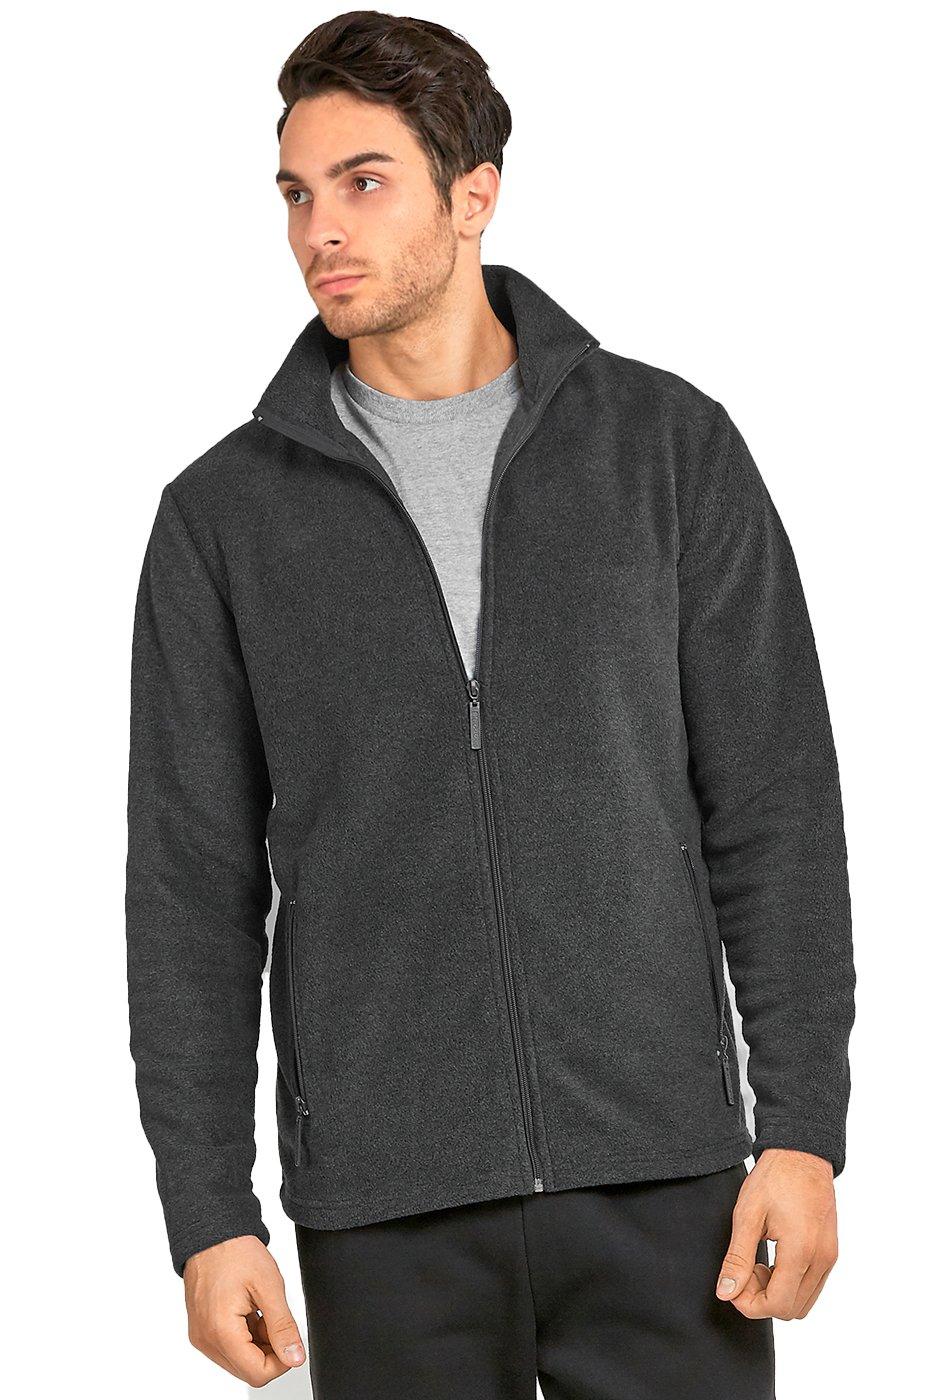 Men's Polar Fleece Zip up Jacket (S, Charcoal)